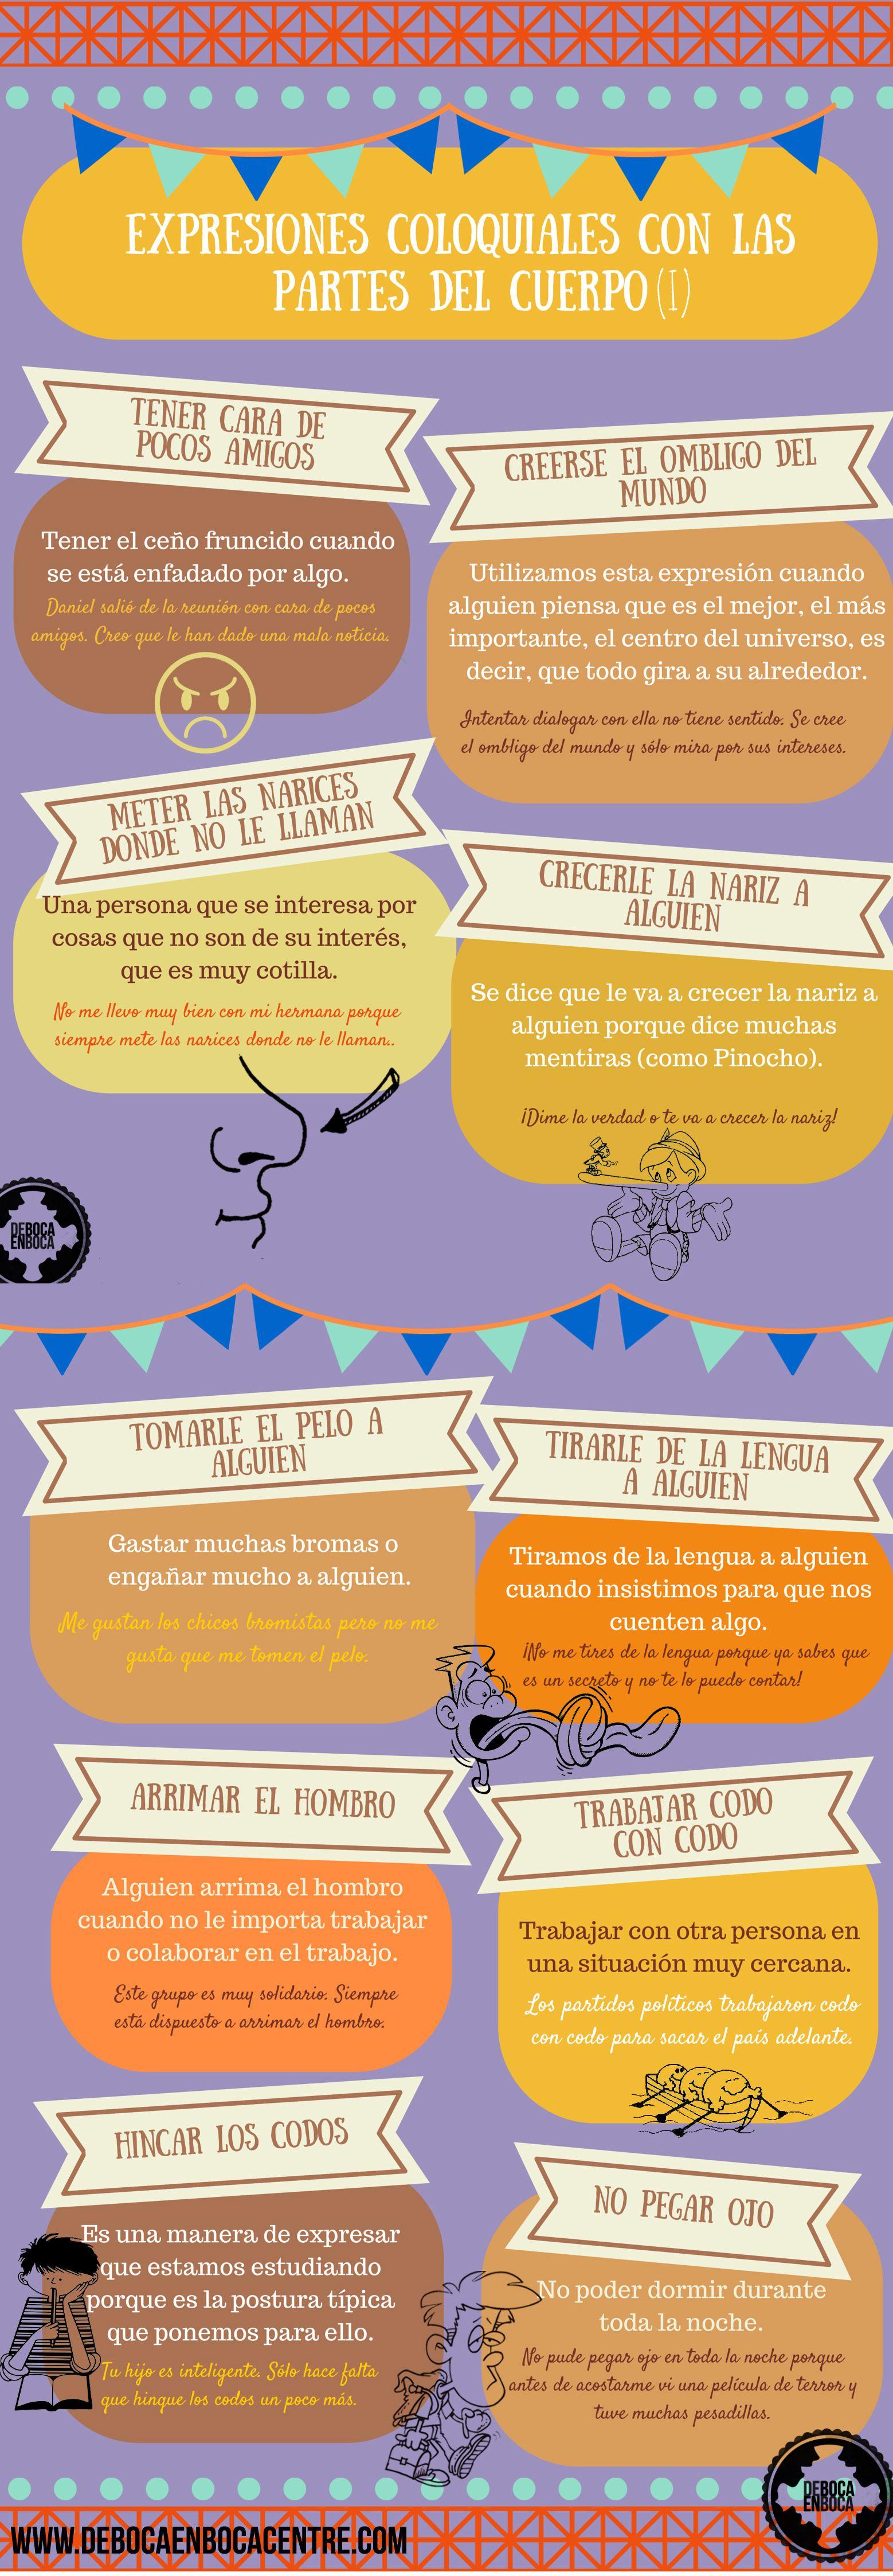 Partes del cuerpo. Expresiones coloquiales. | Español C | Pinterest ...